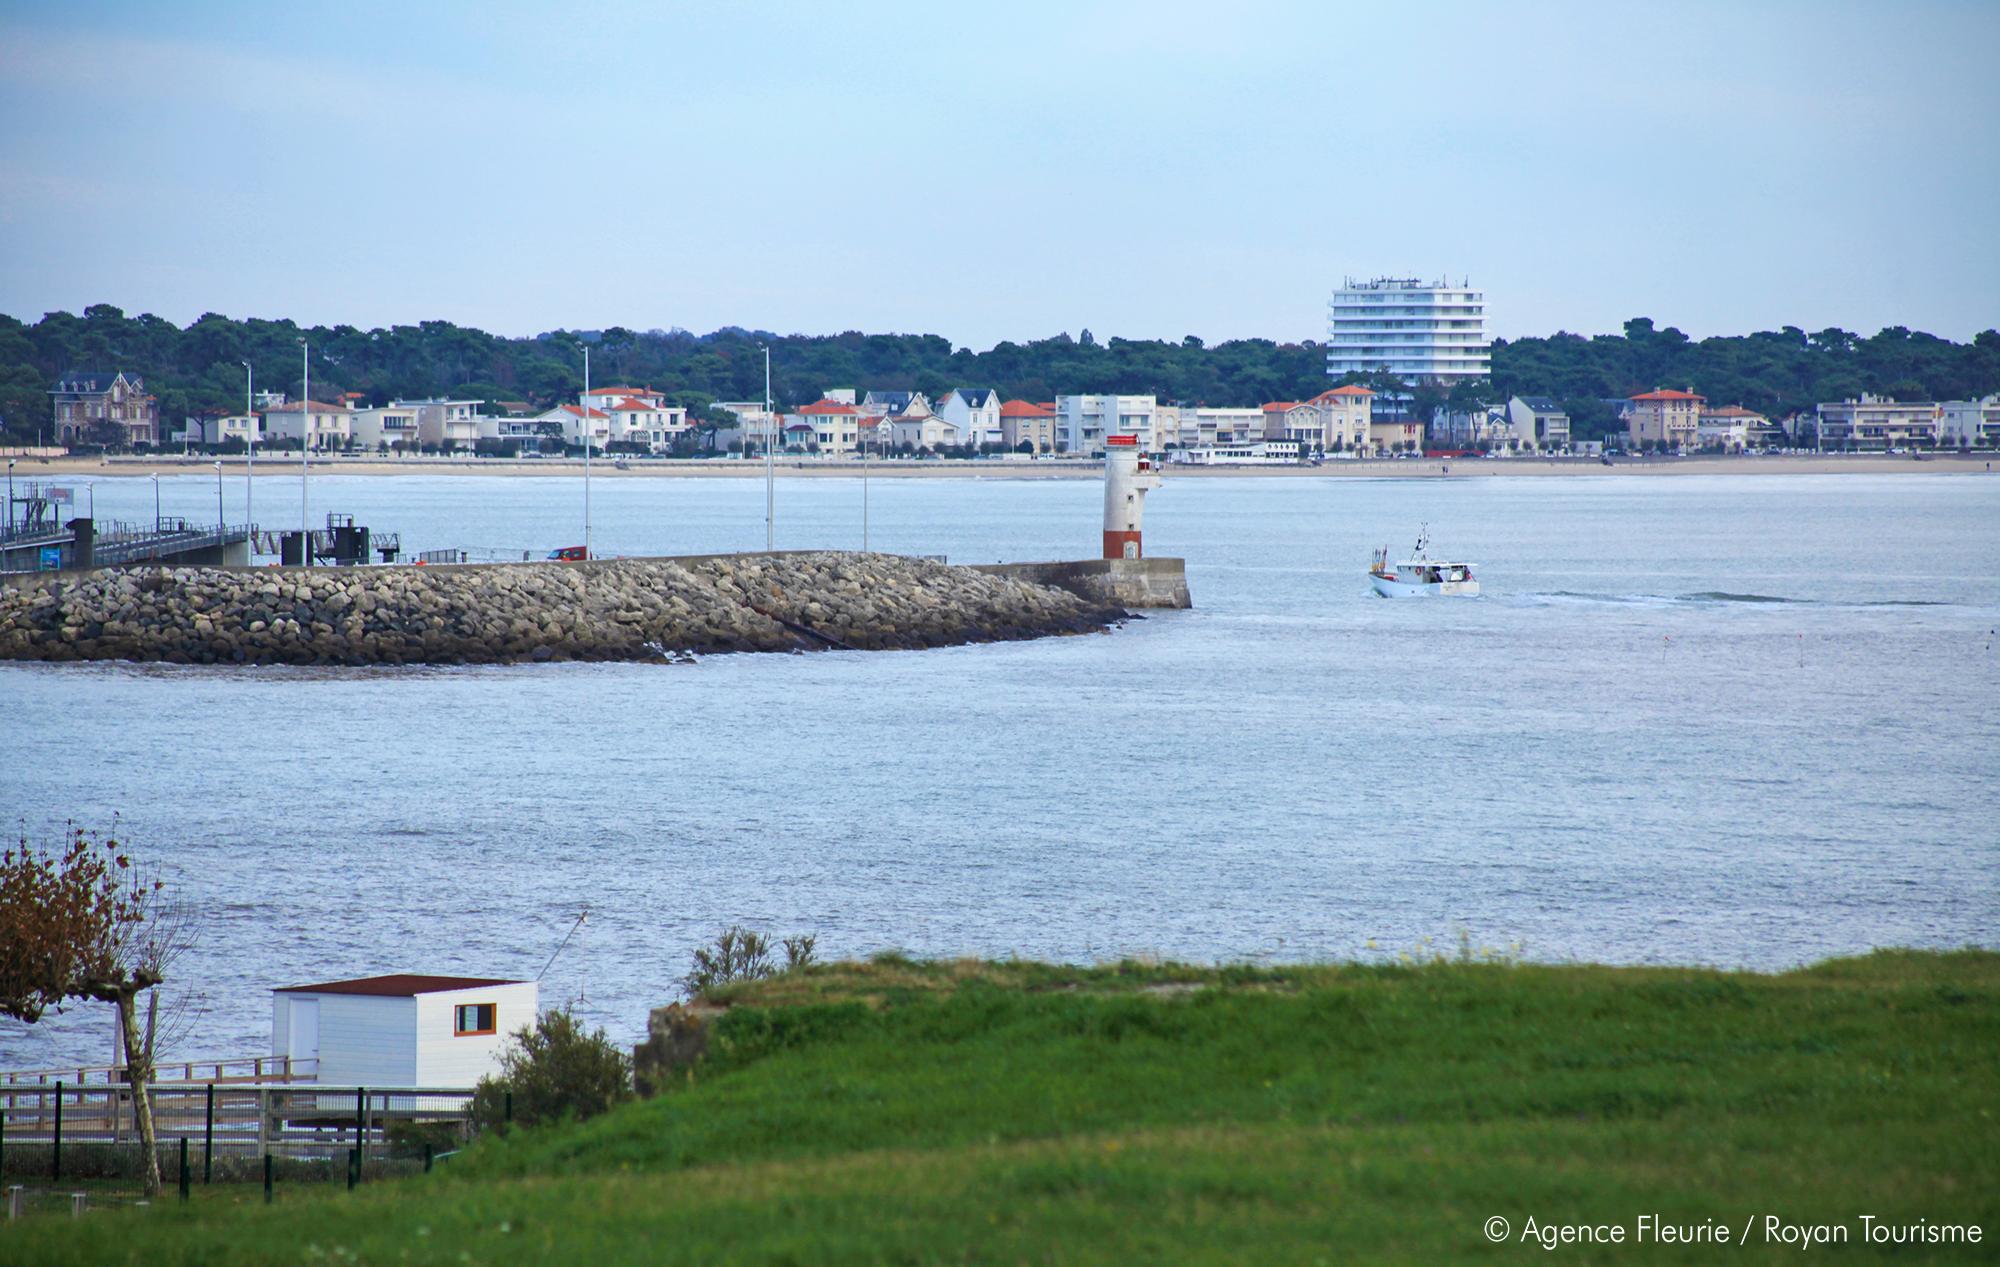 Retour de pêche au Port de Royan, Octobre 2015